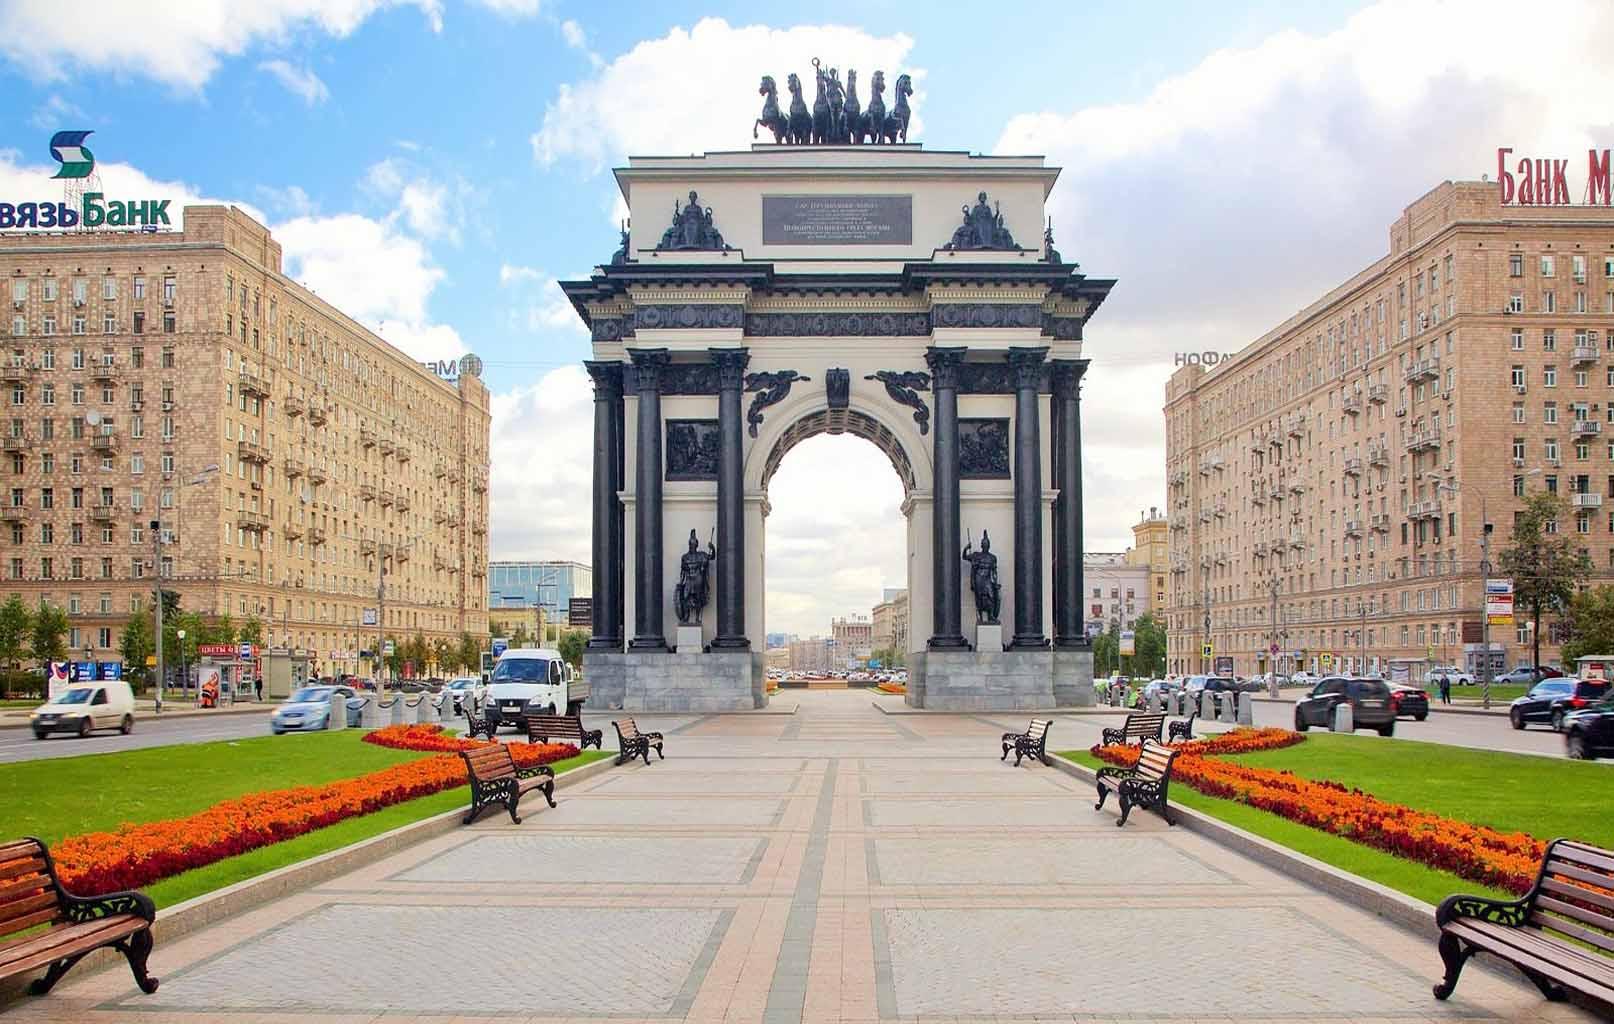 Cổng Khải Hoàn Môn